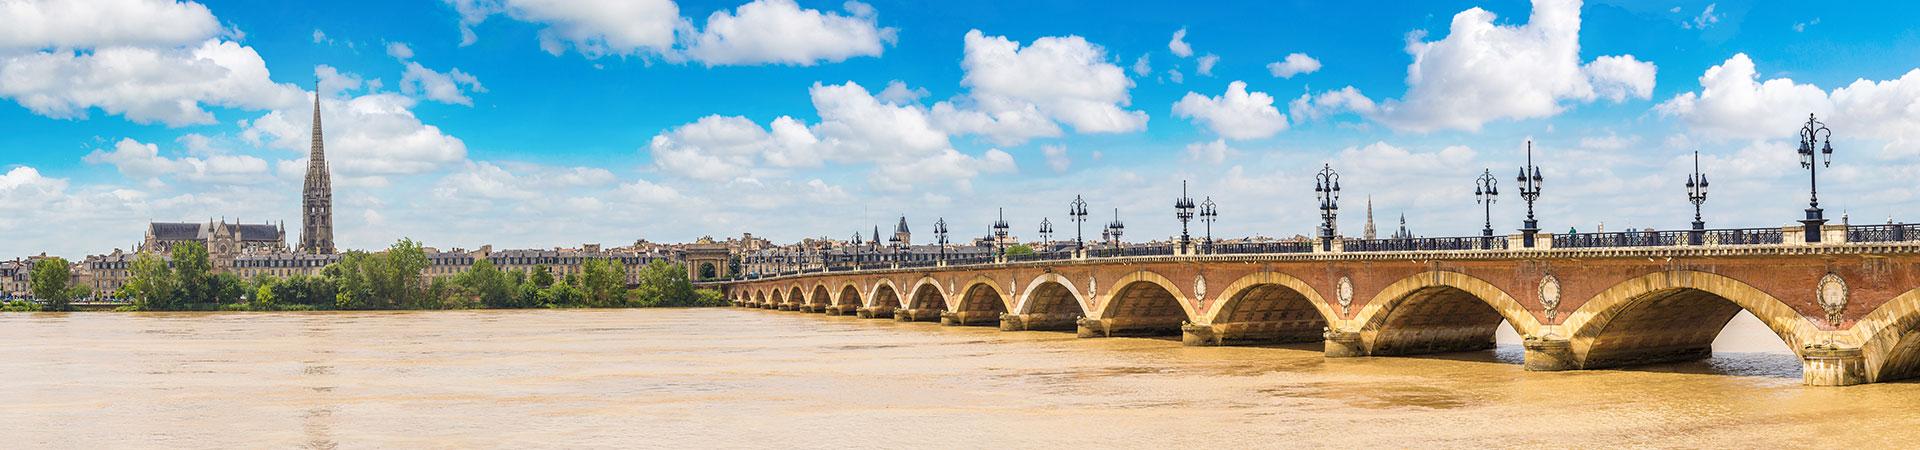 Hausbooturlaub Frankreich, Hausboot mieten, Elsass, Bretagne, Lot, Seine, Garonne